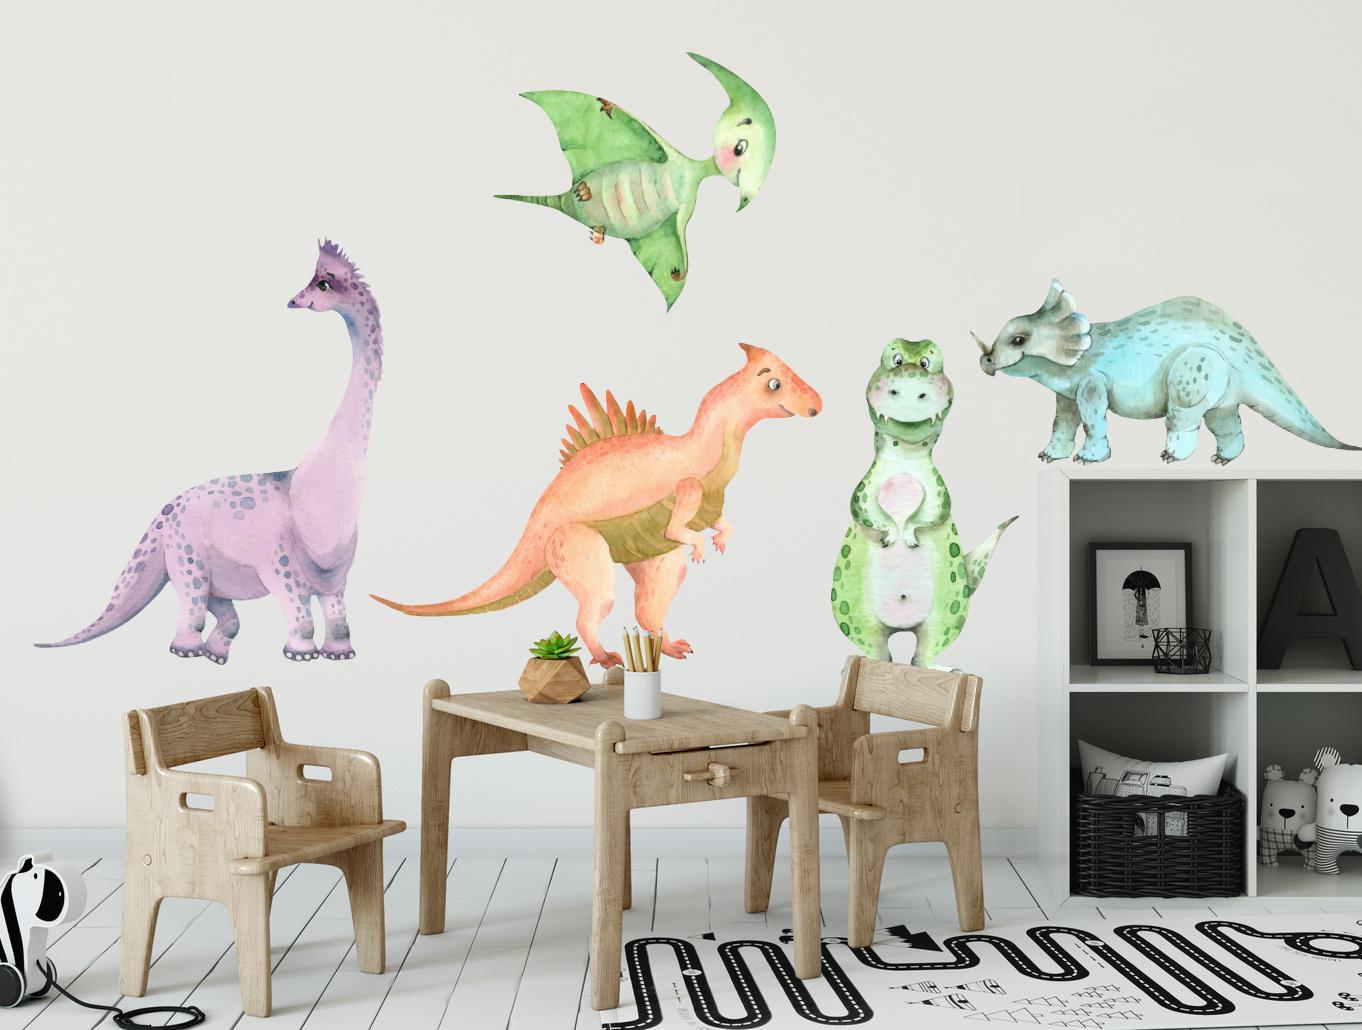 dinozaury zestaw 1_5.jpg